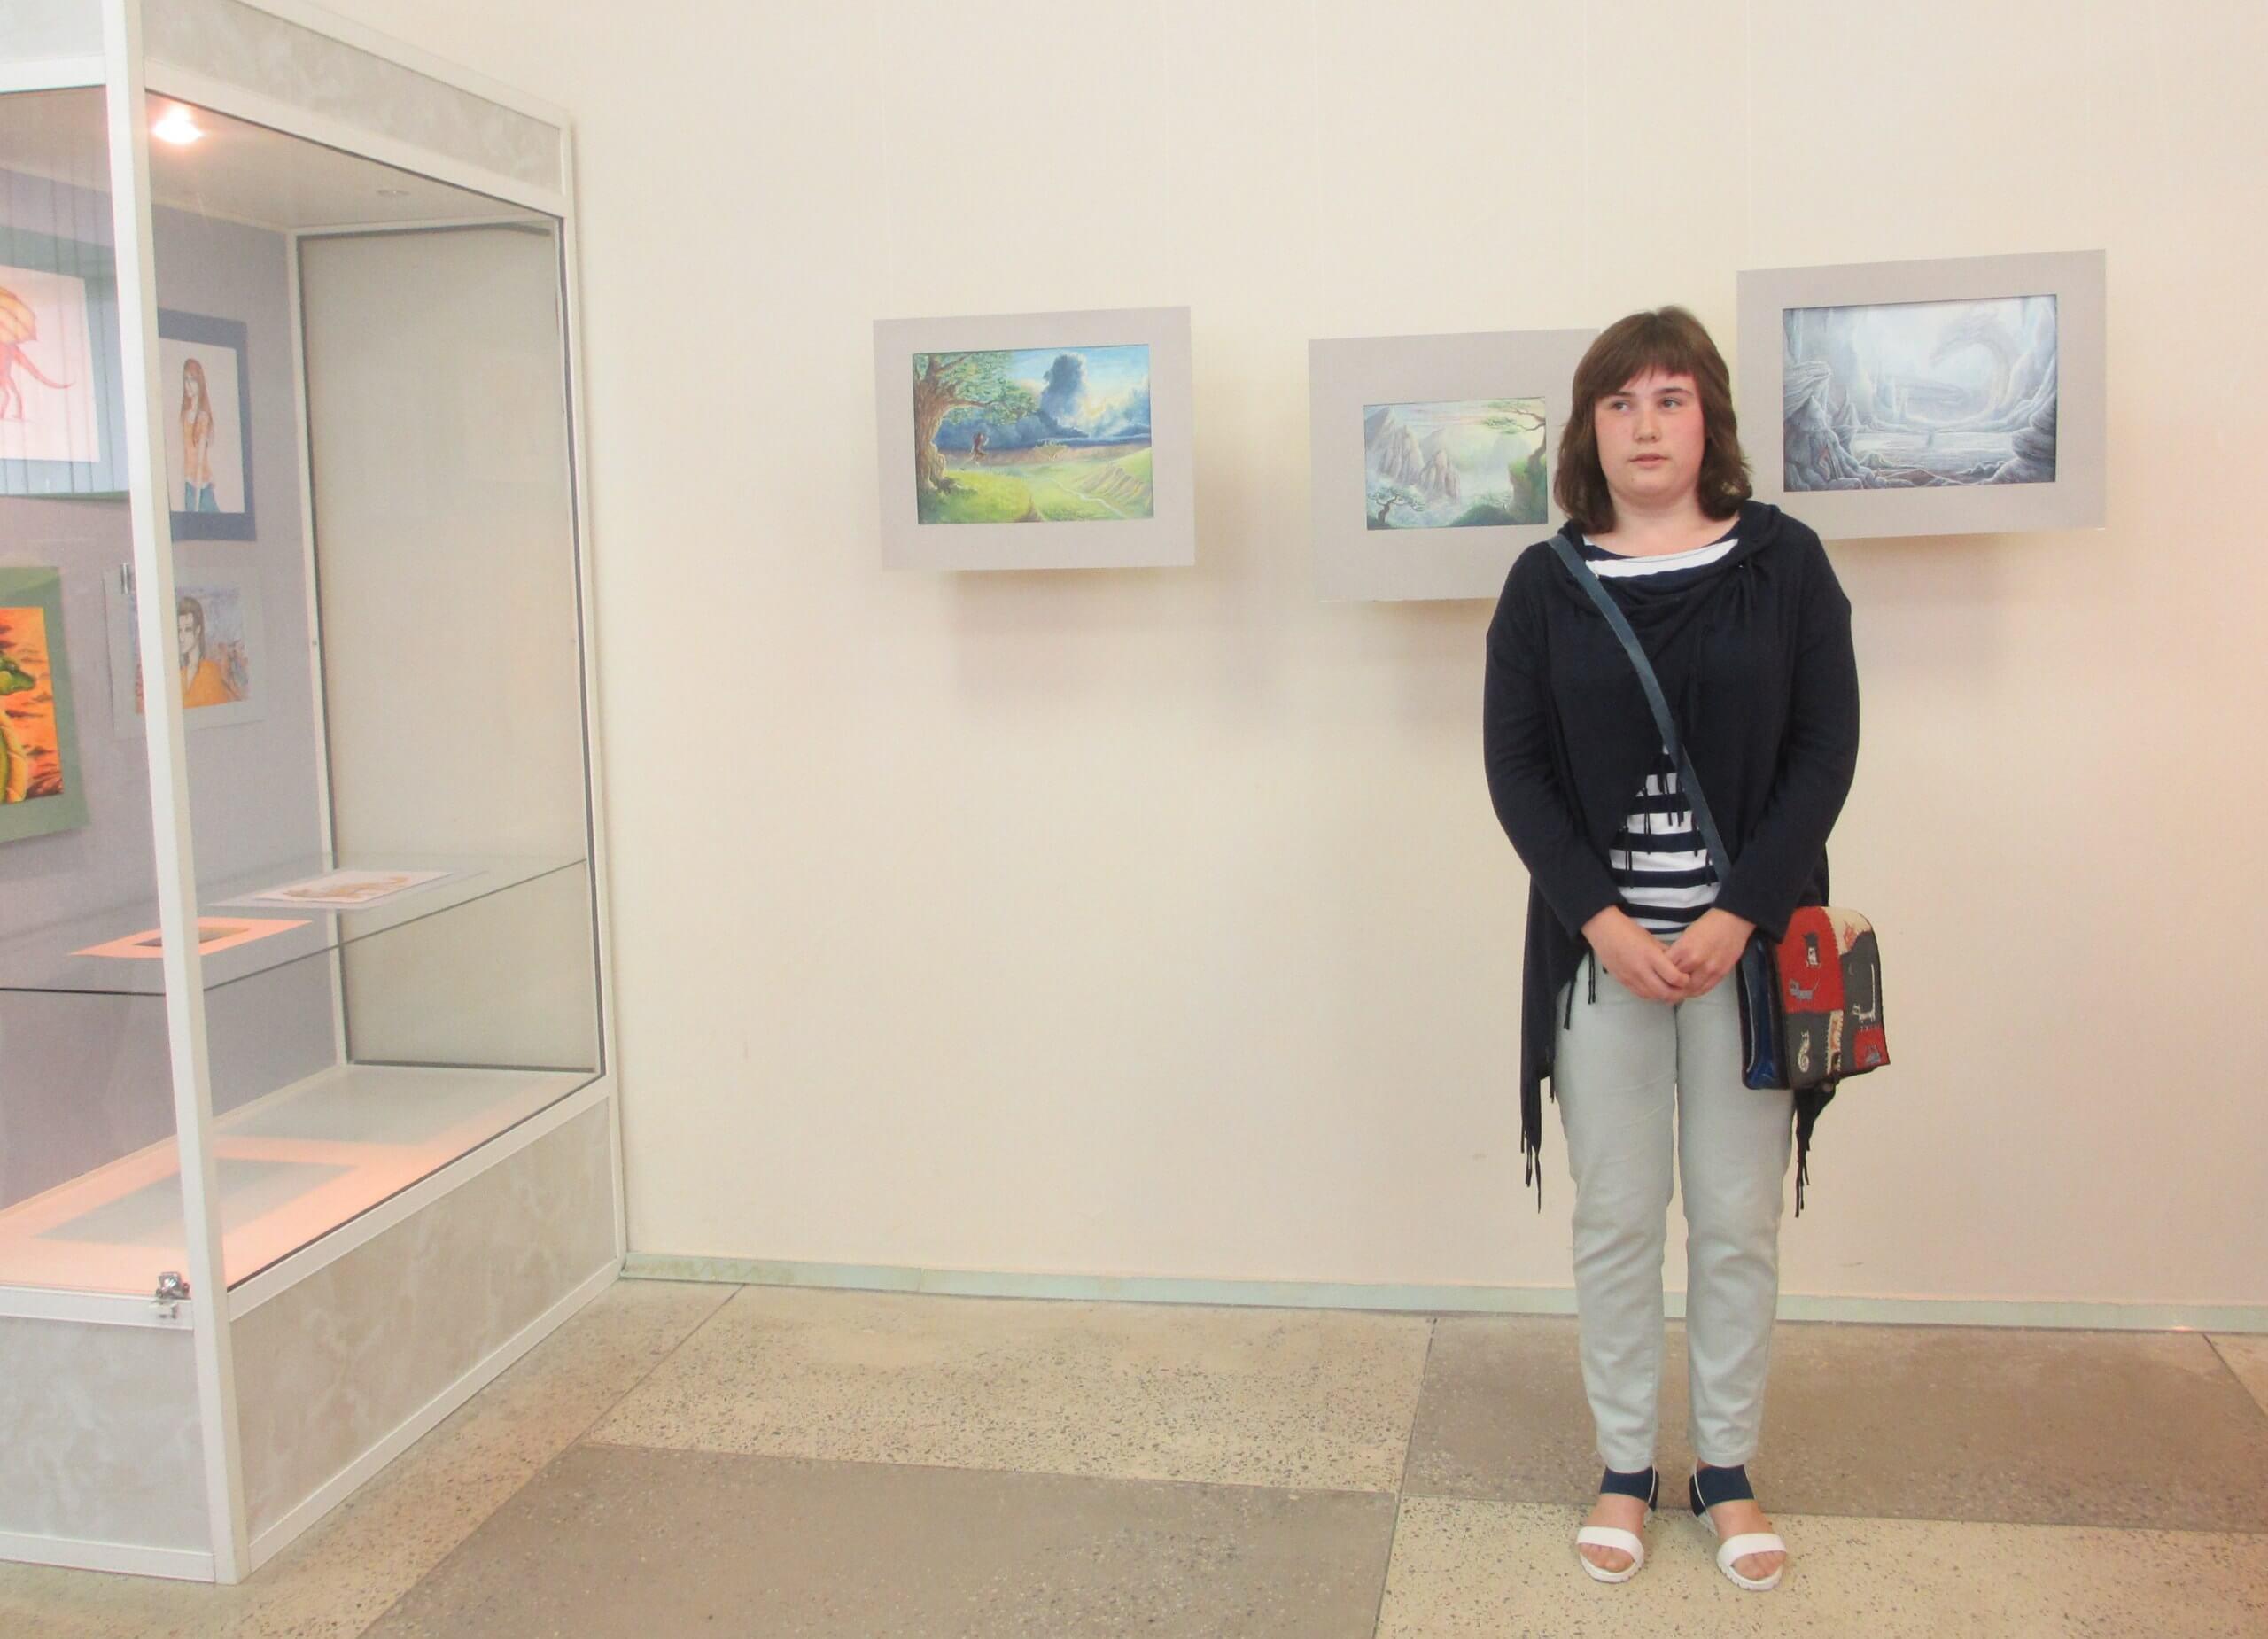 В Удомельском краеведческом музее открылась персональная выставка 17-летней Александры Турковской